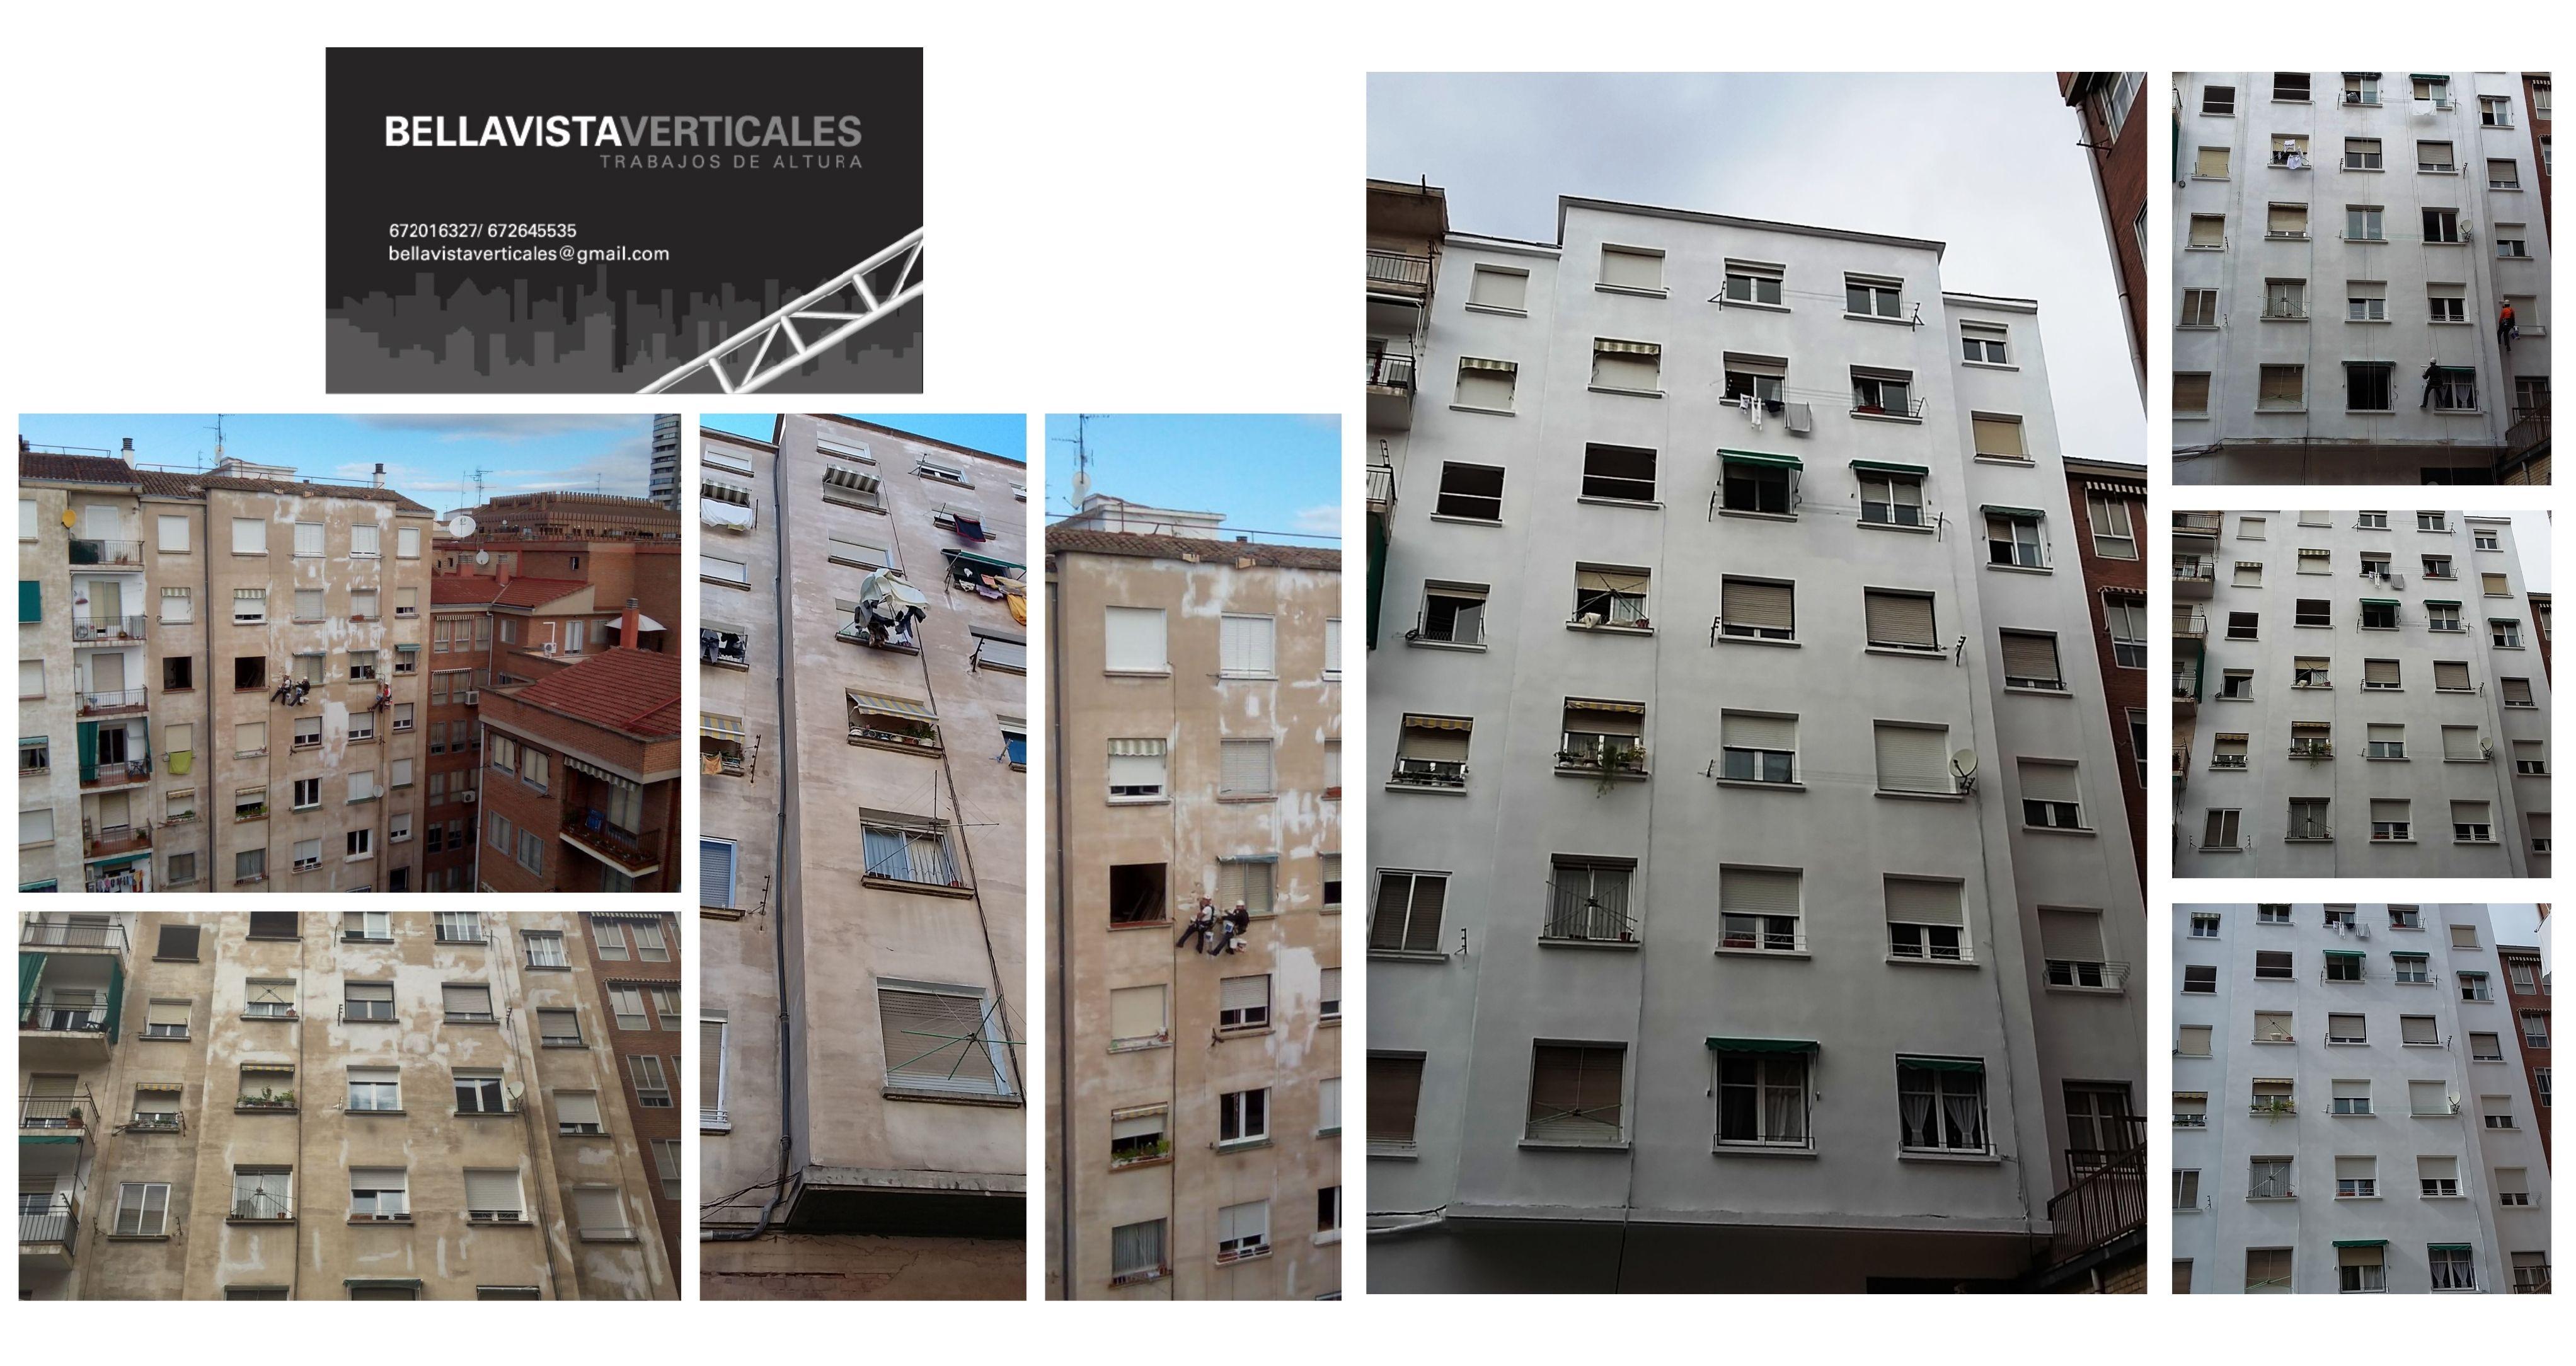 Limpieza y pintura de fachadas. Devolvemos al inmueble su aspecto original